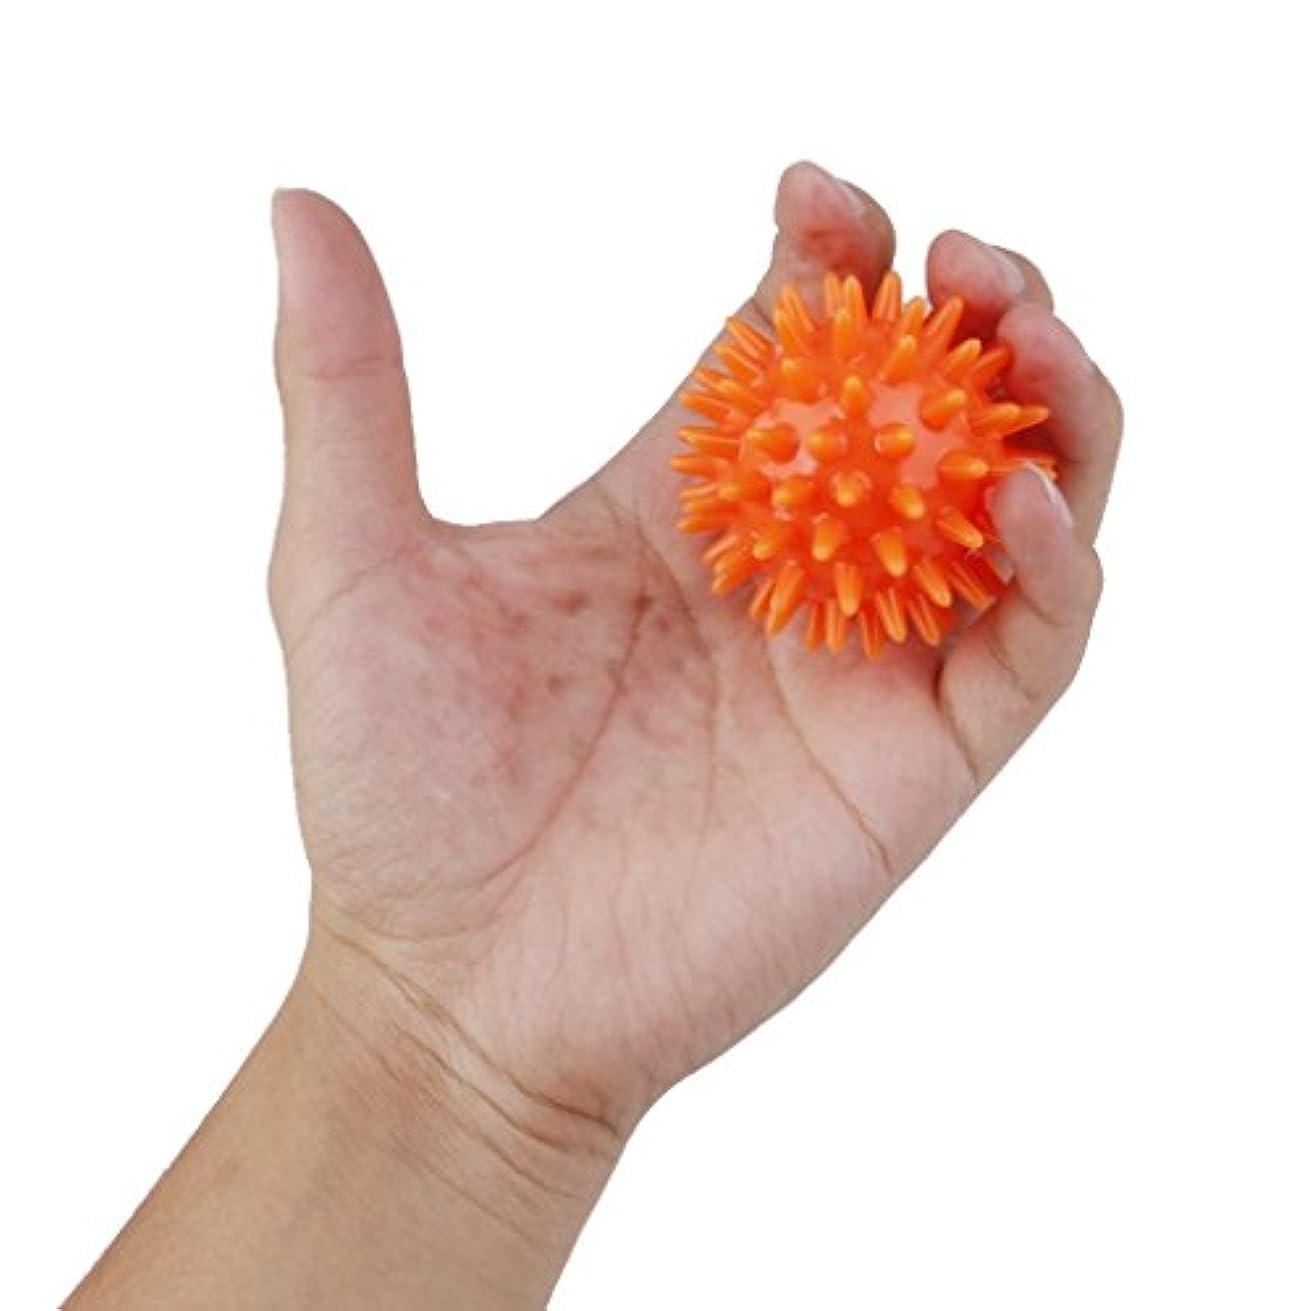 嬉しいですハードウェアタンパク質Baosity マッサージボール 手のひら 足 腕 首 背中 足首 ダーク フック側 マッサージ 疲れ 緩和 オレンジ